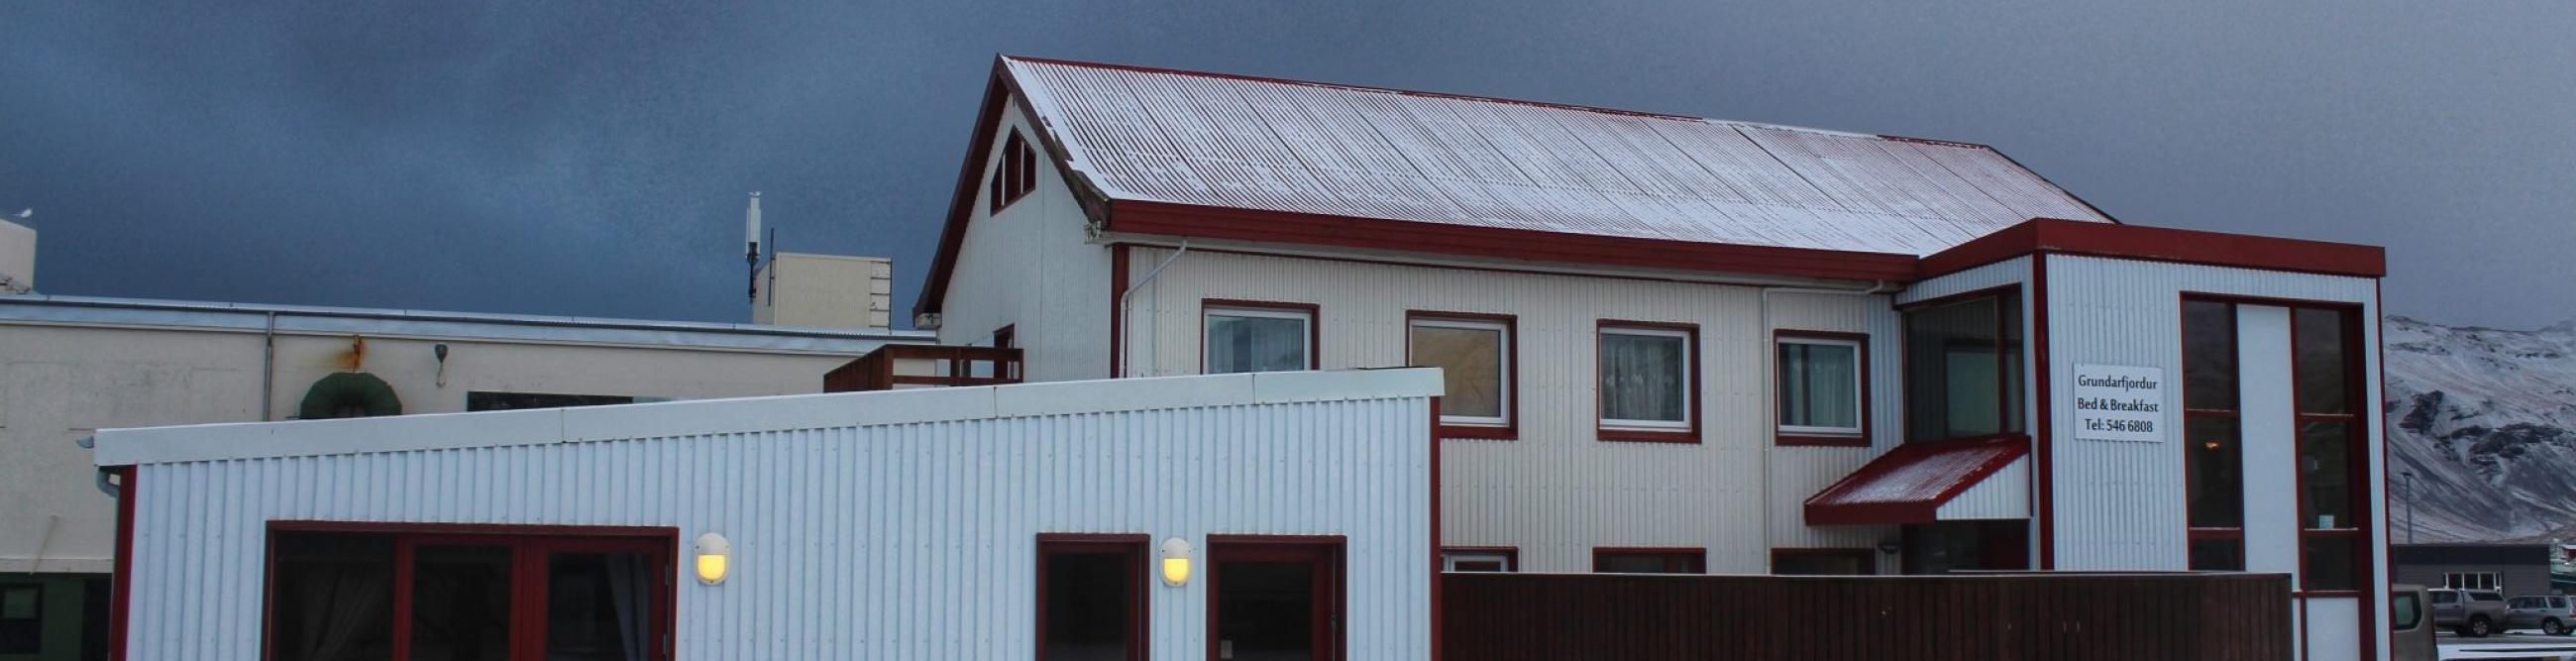 Grundarfjordur Guesthouse - Grundarfjordur Bed and Breakfast